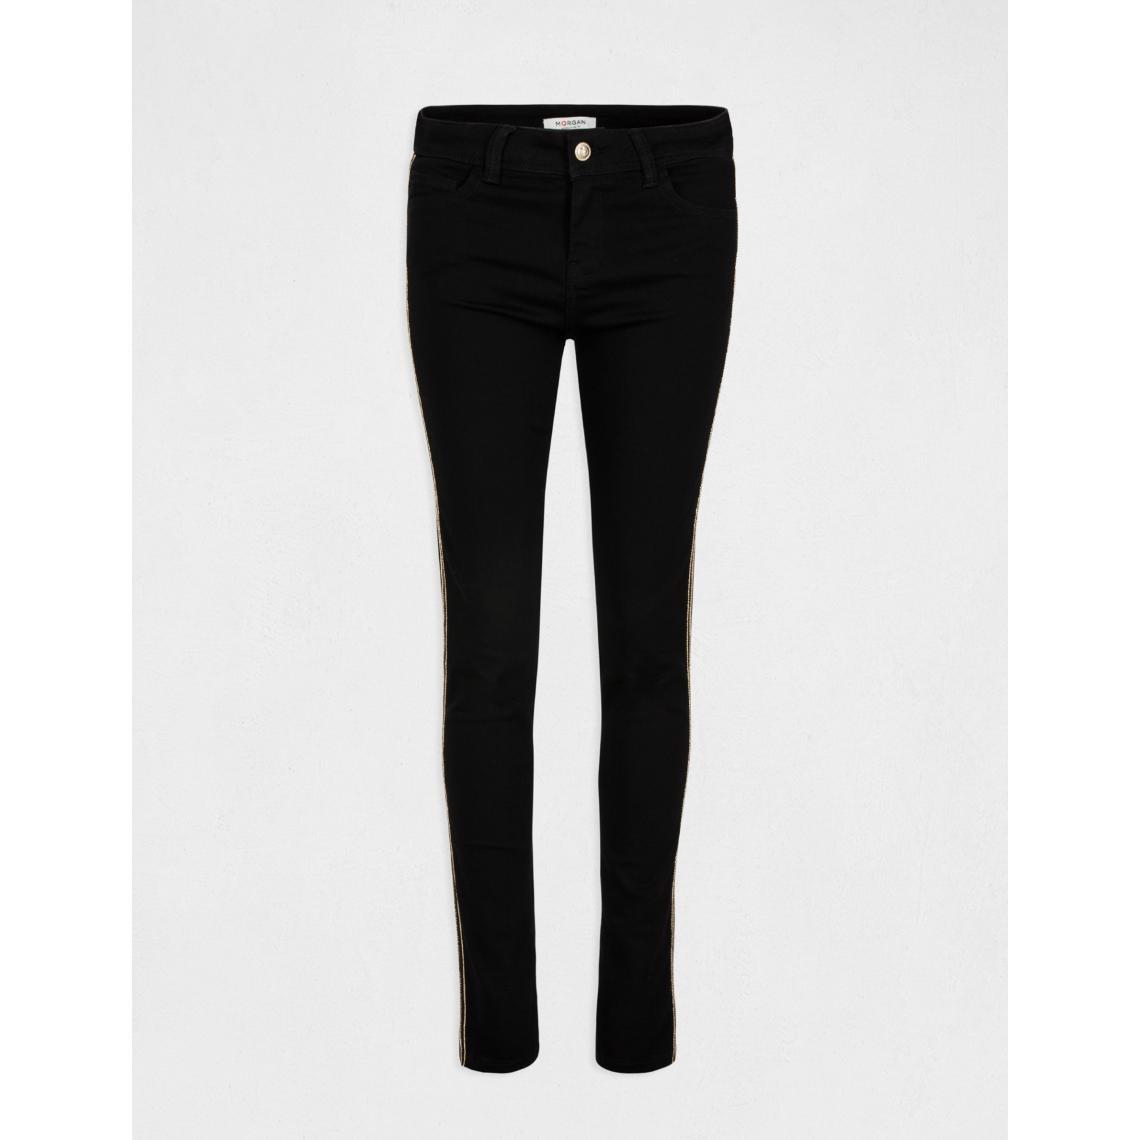 Pantalon slim bandes texturées 4AqtP